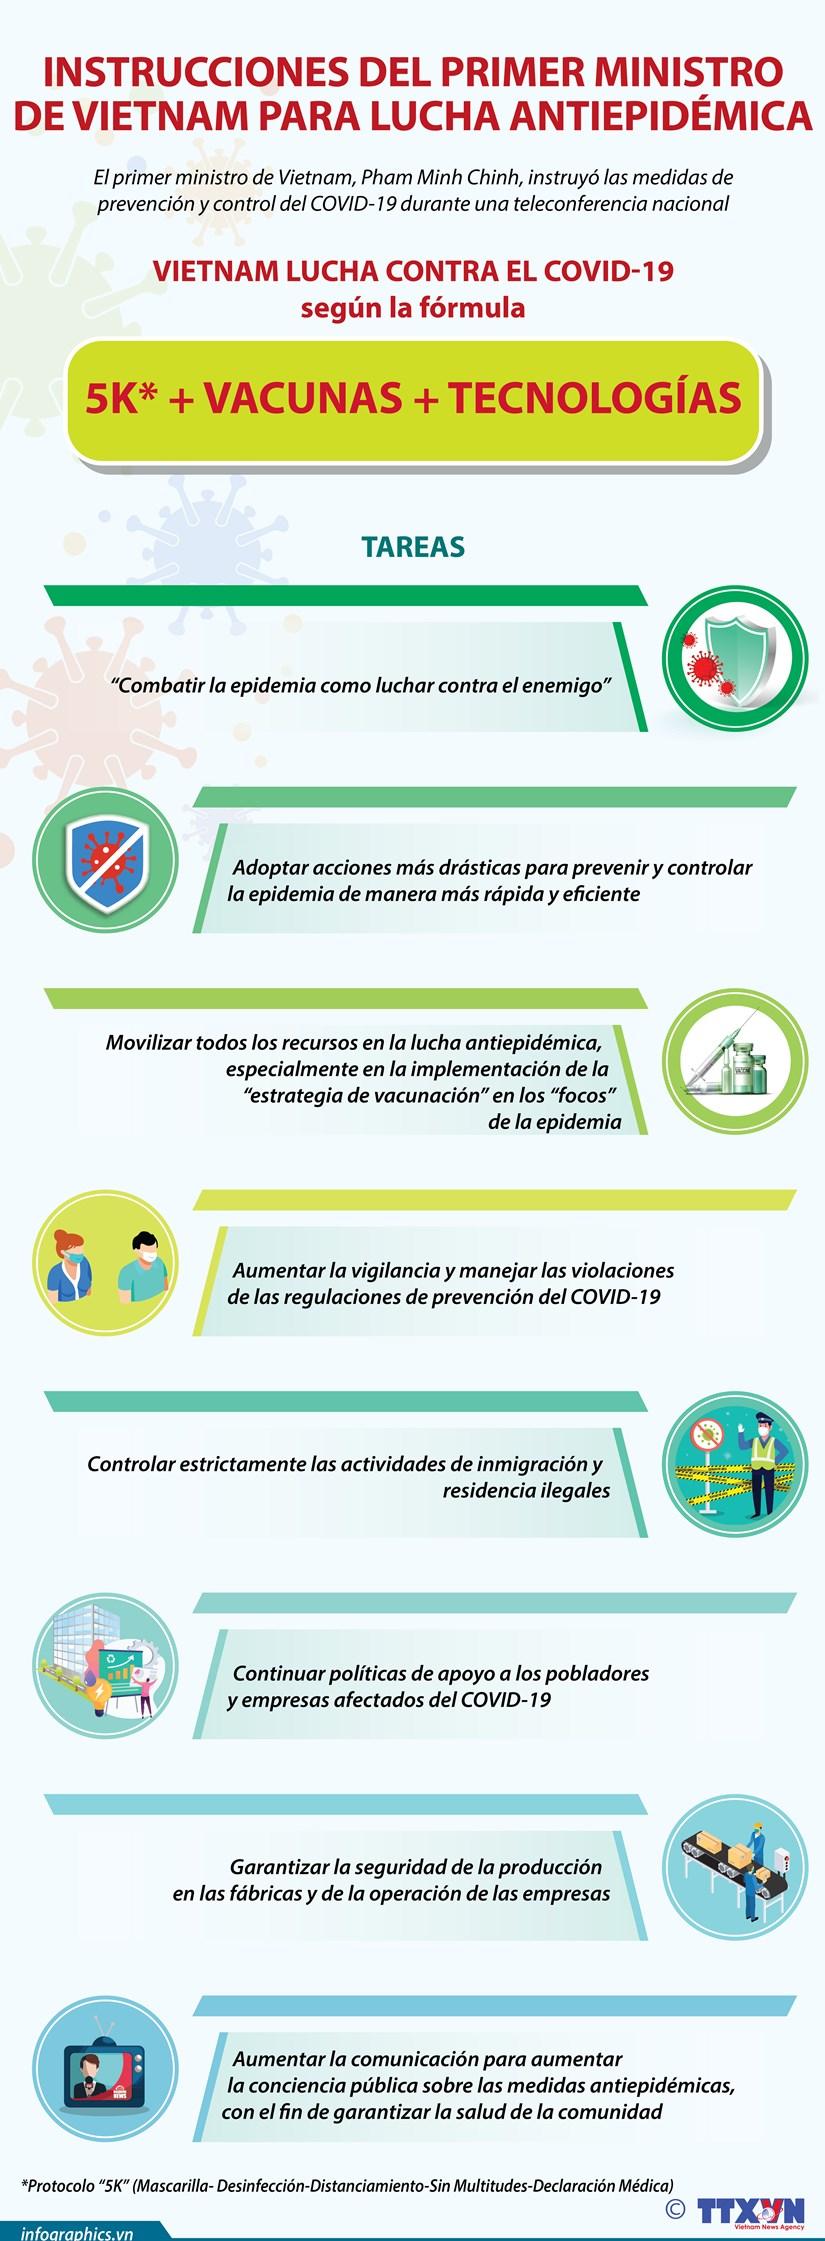 Instrucciones del Primer Ministro de Vietnam para lucha antiepidemica hinh anh 1